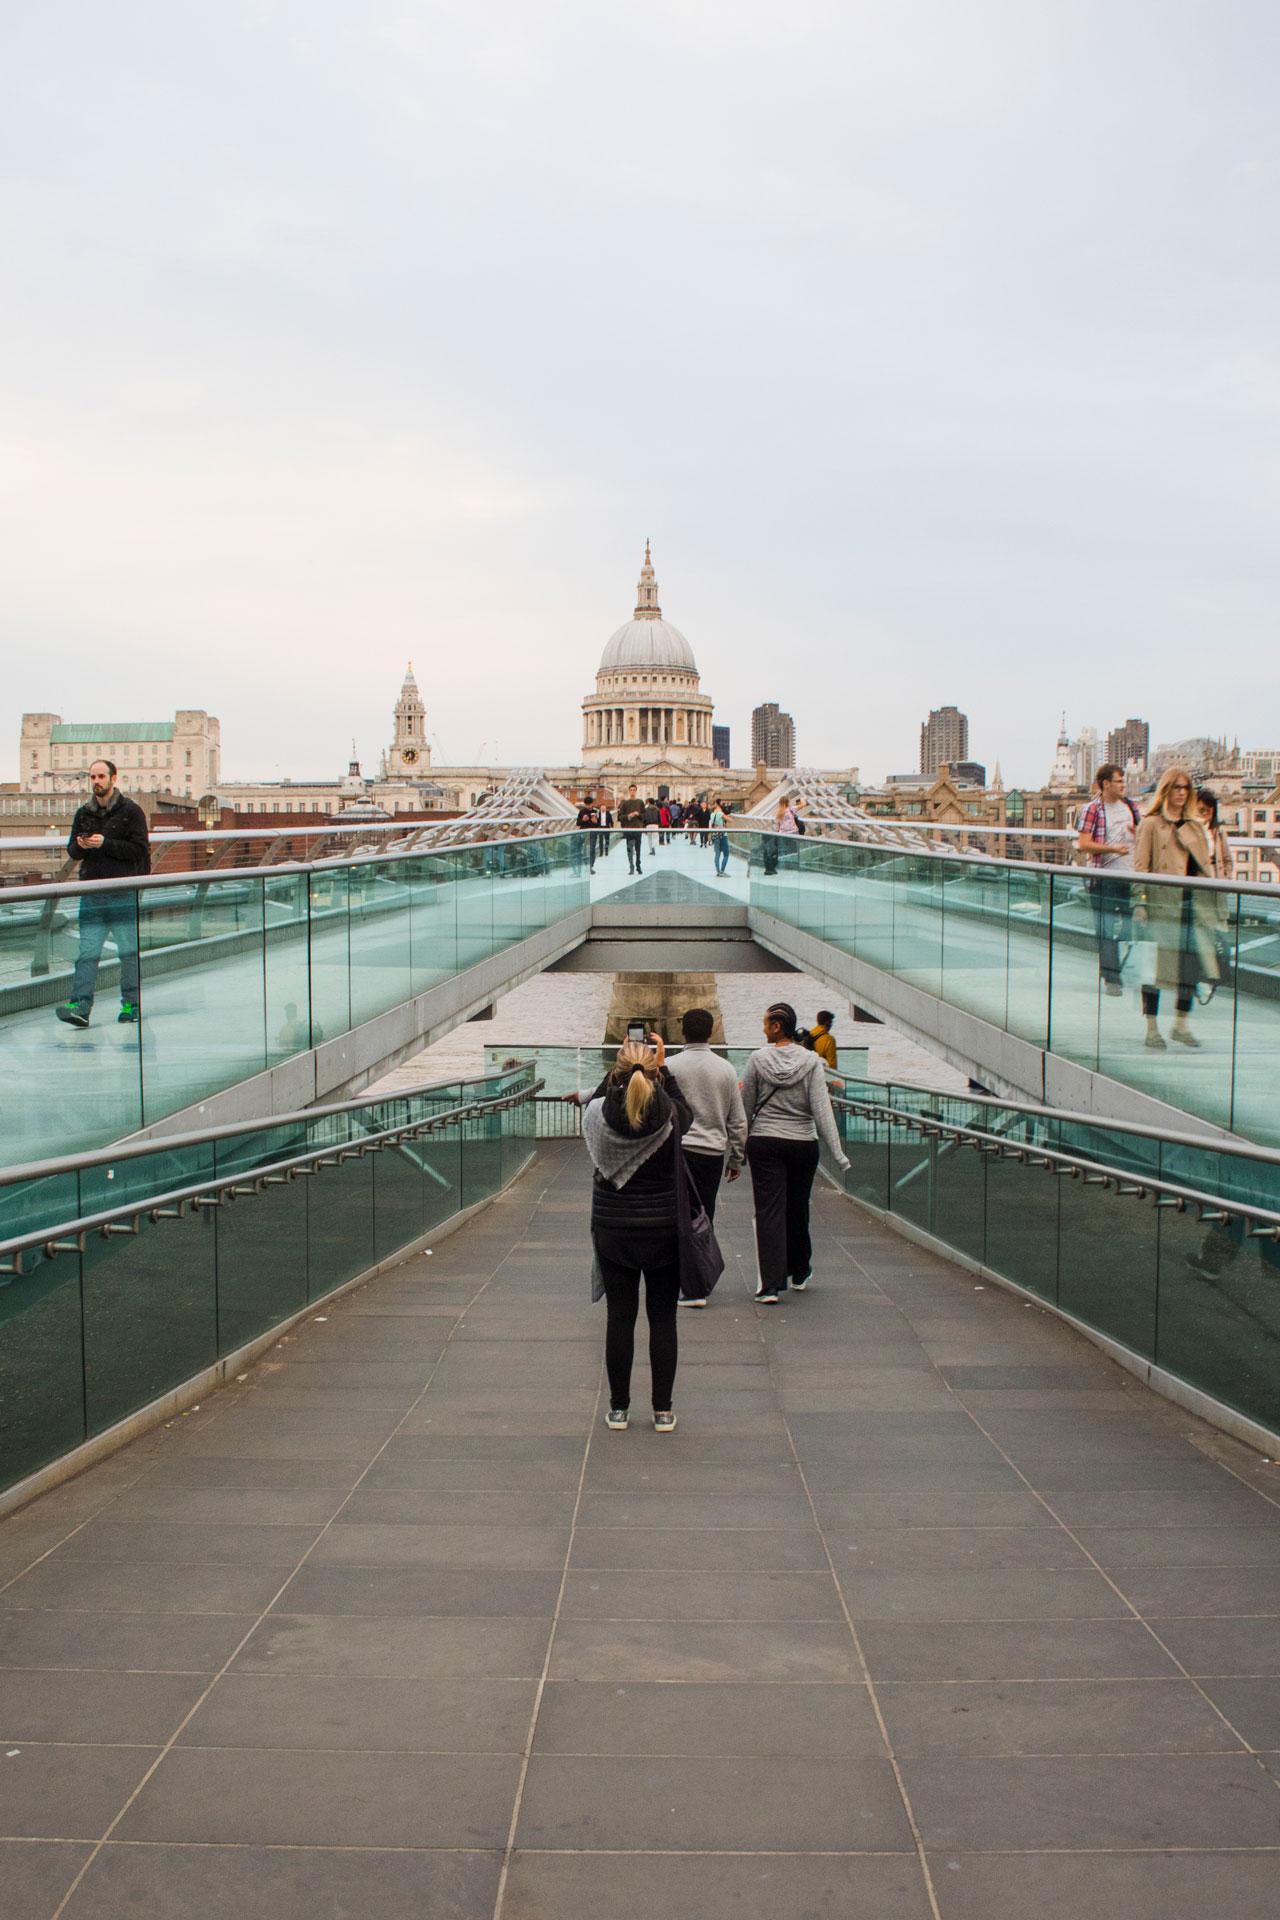 The Millennium Bridge in London